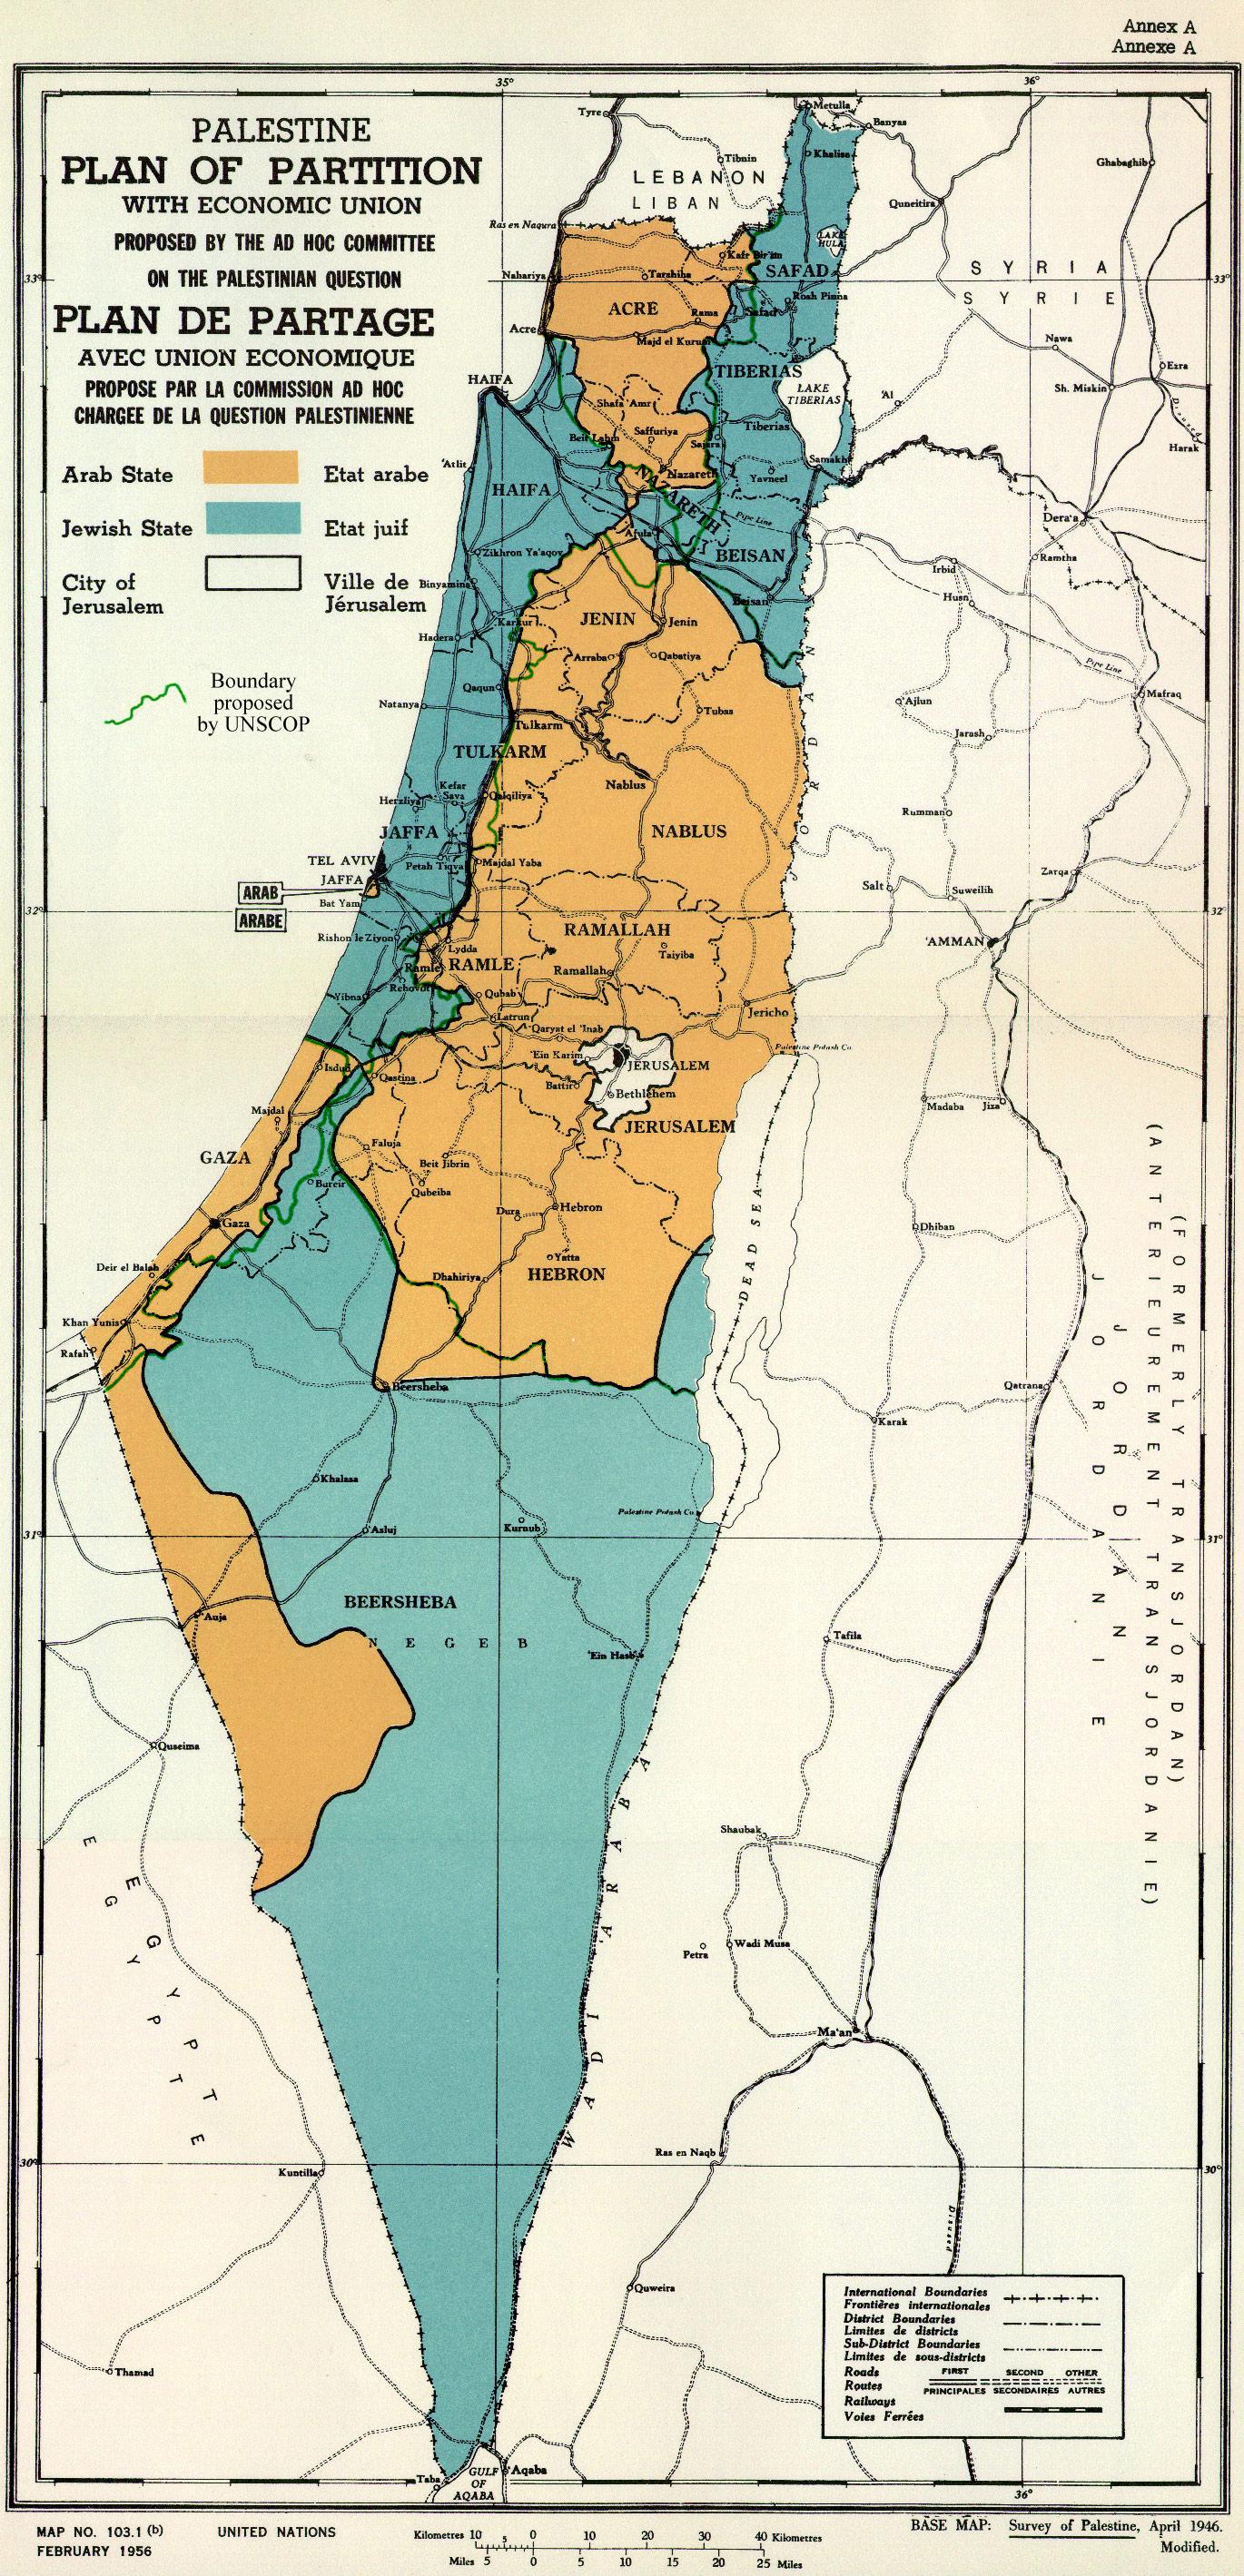 UN Parition Plan 1947